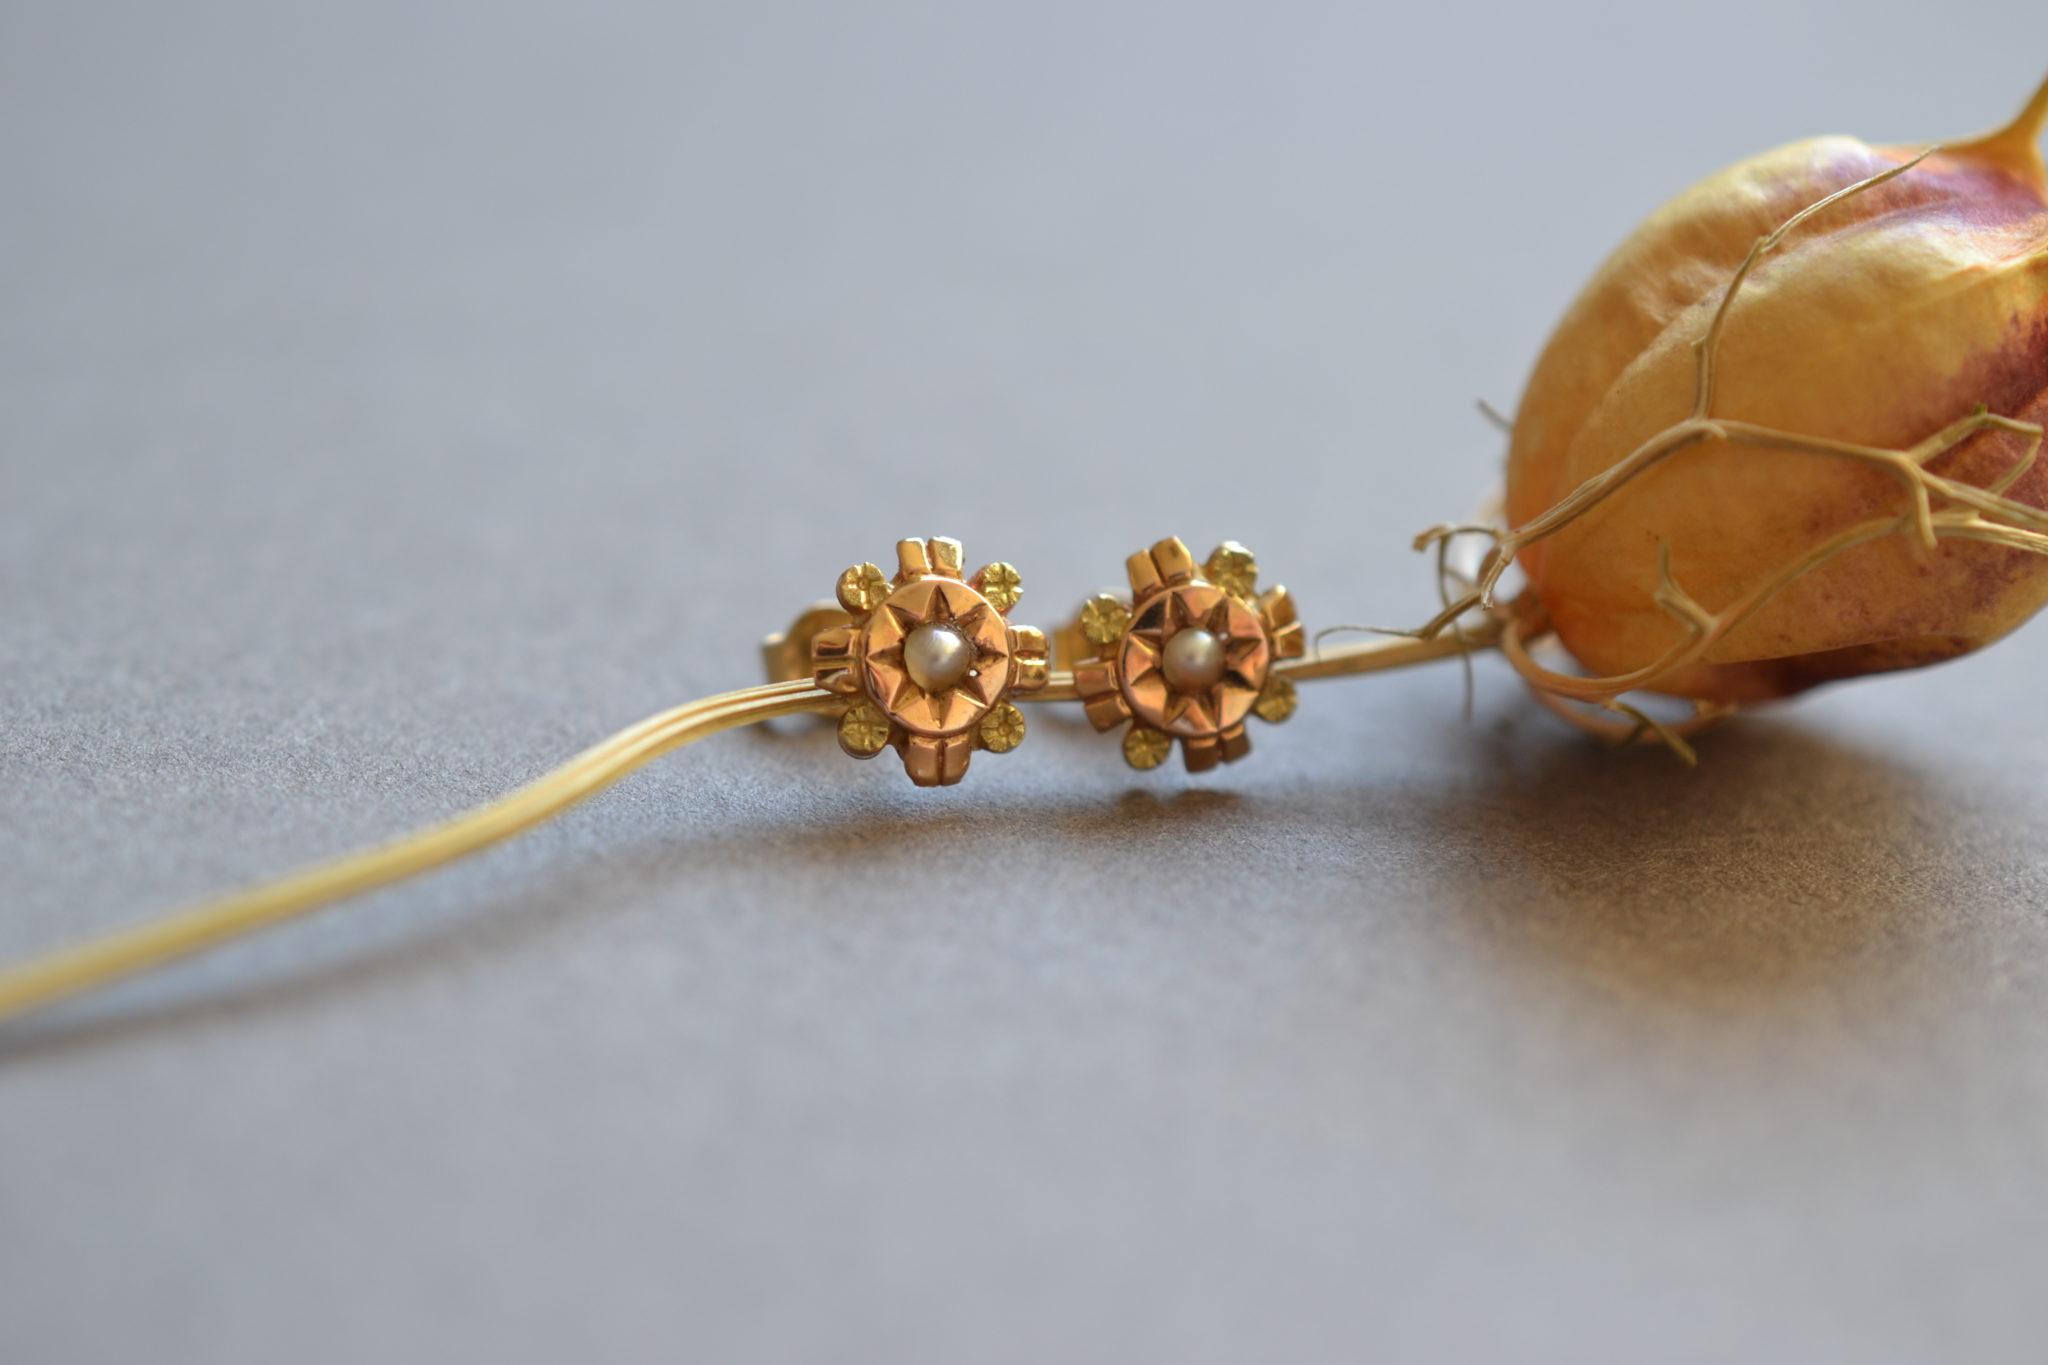 puces d'oreilles anciennes en Or avec perles - boucles d'oreilles ancienne mariage - bijoux zero déchet